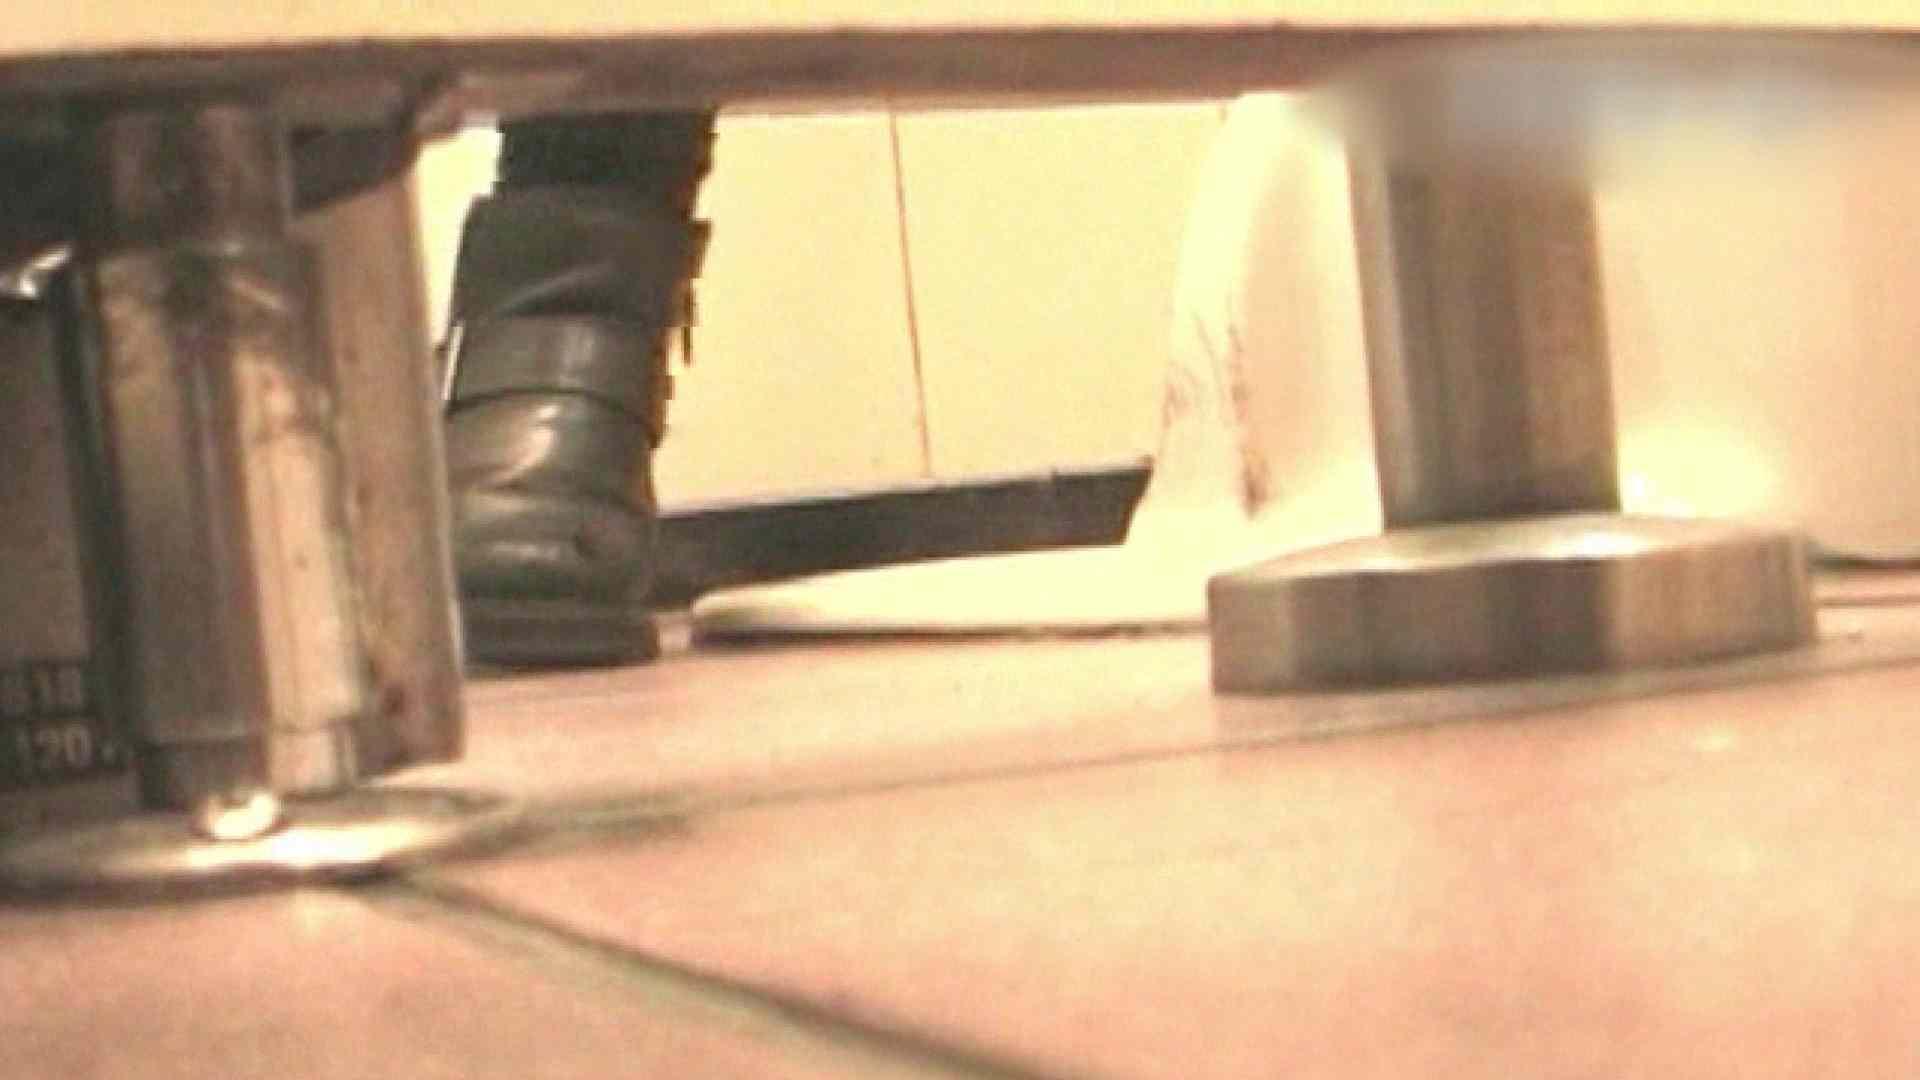 ロックハンドさんの盗撮記録File.27 お姉さん達のオマンコ すけべAV動画紹介 58連発 45